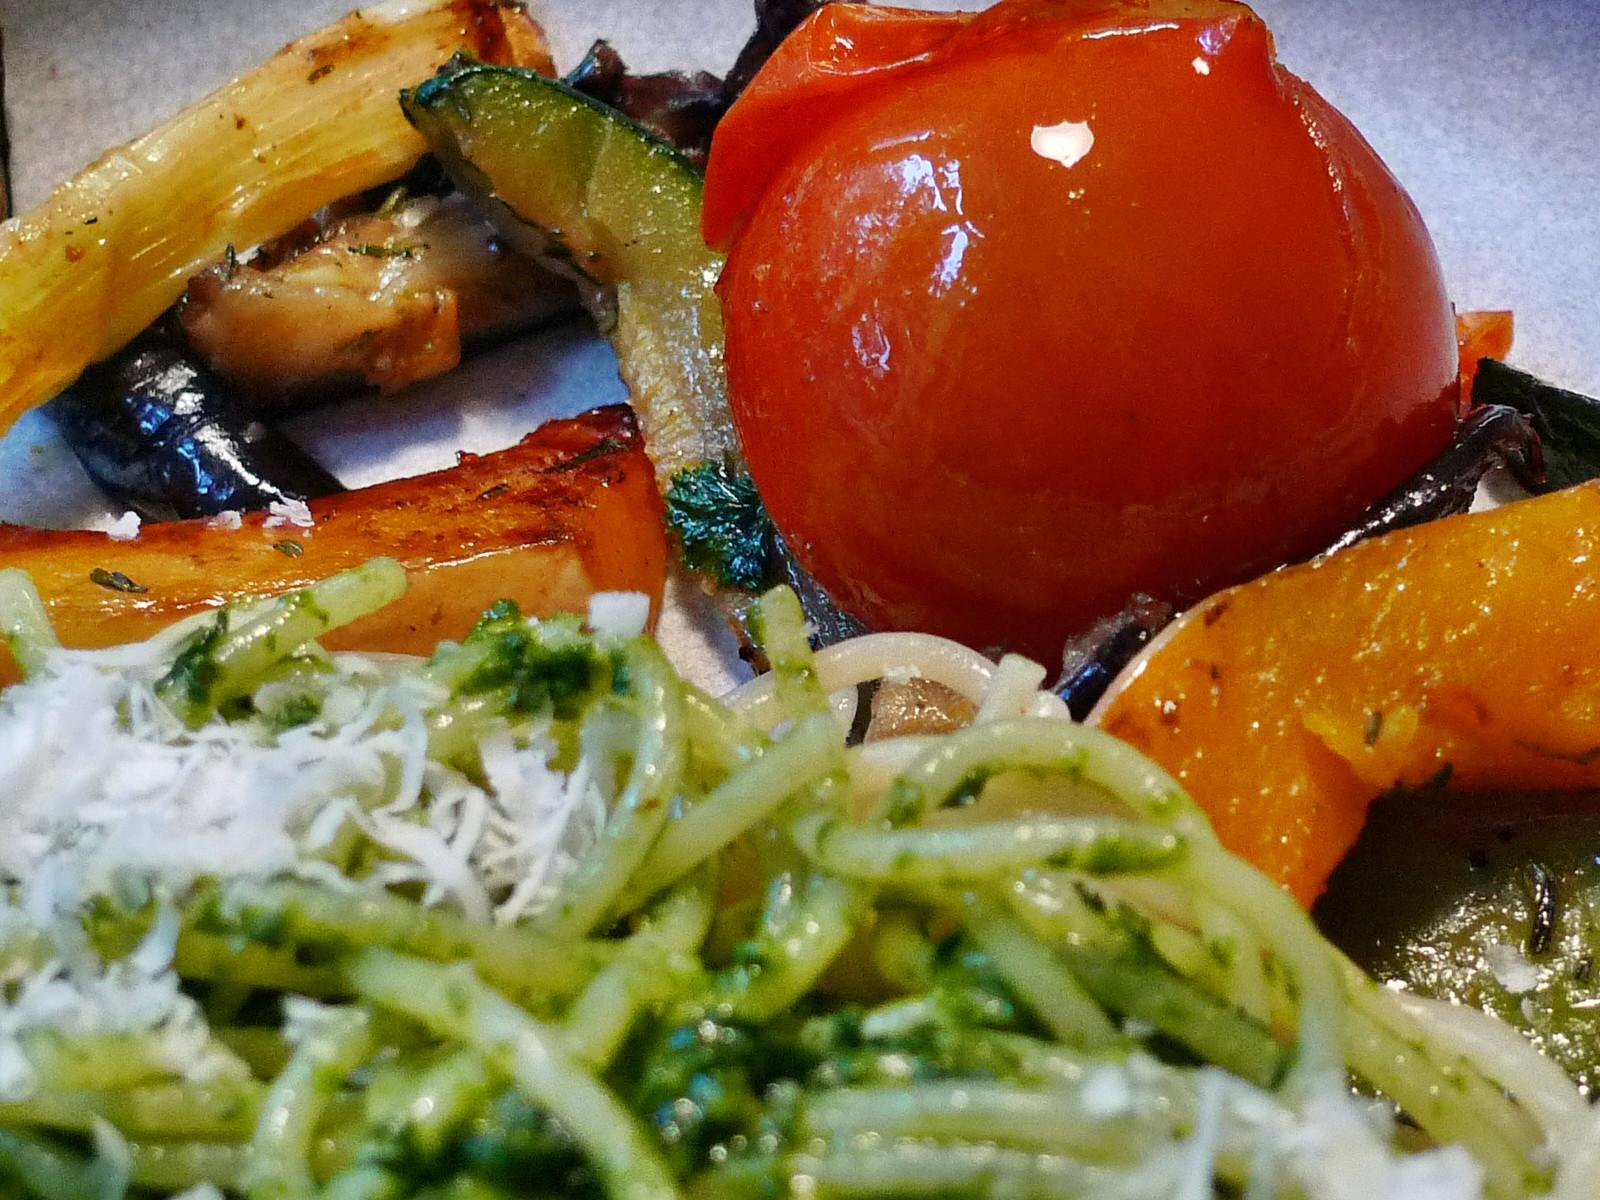 Nudeln mit Bärlauchpesto,Gemüse-4.12.14   (10)